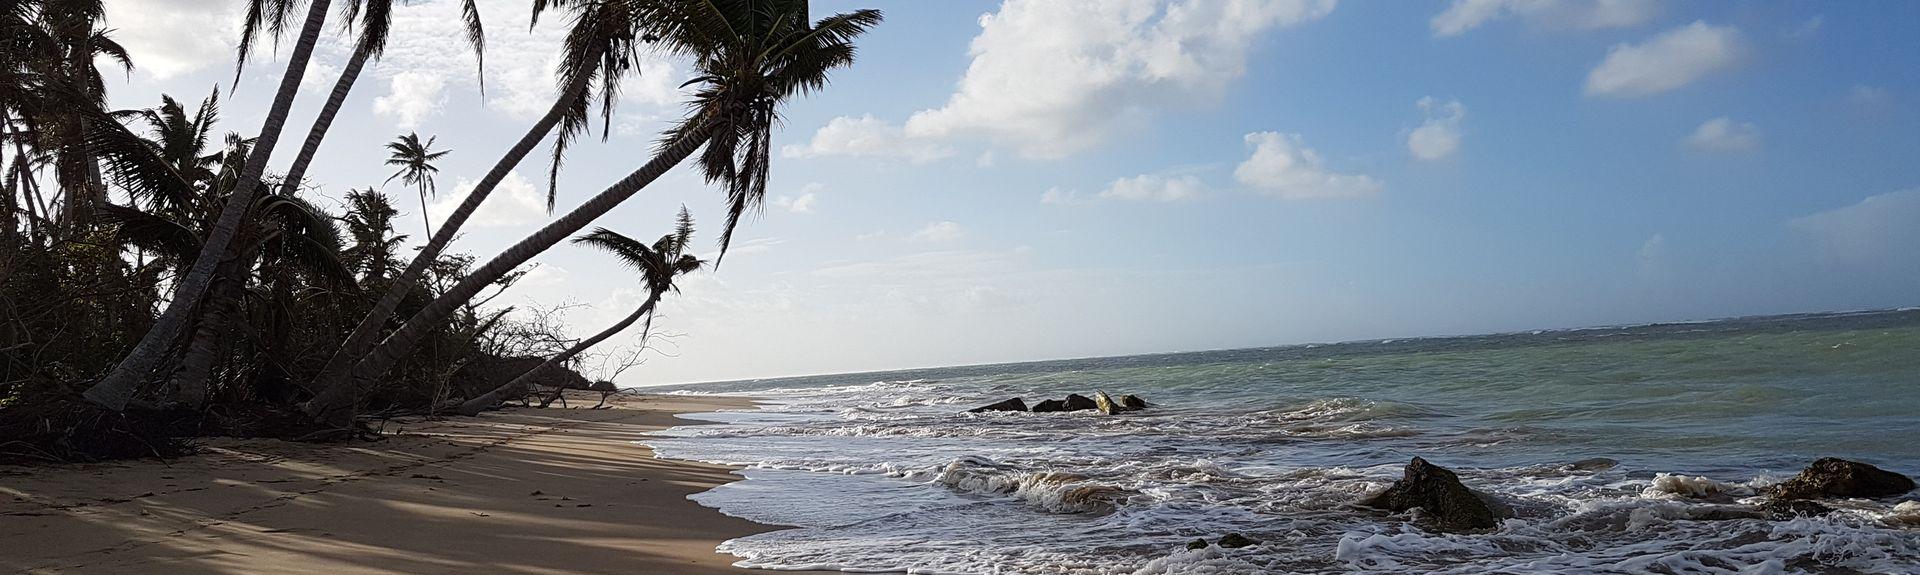 Cangrejo Arriba, Carolina, Puerto Rico